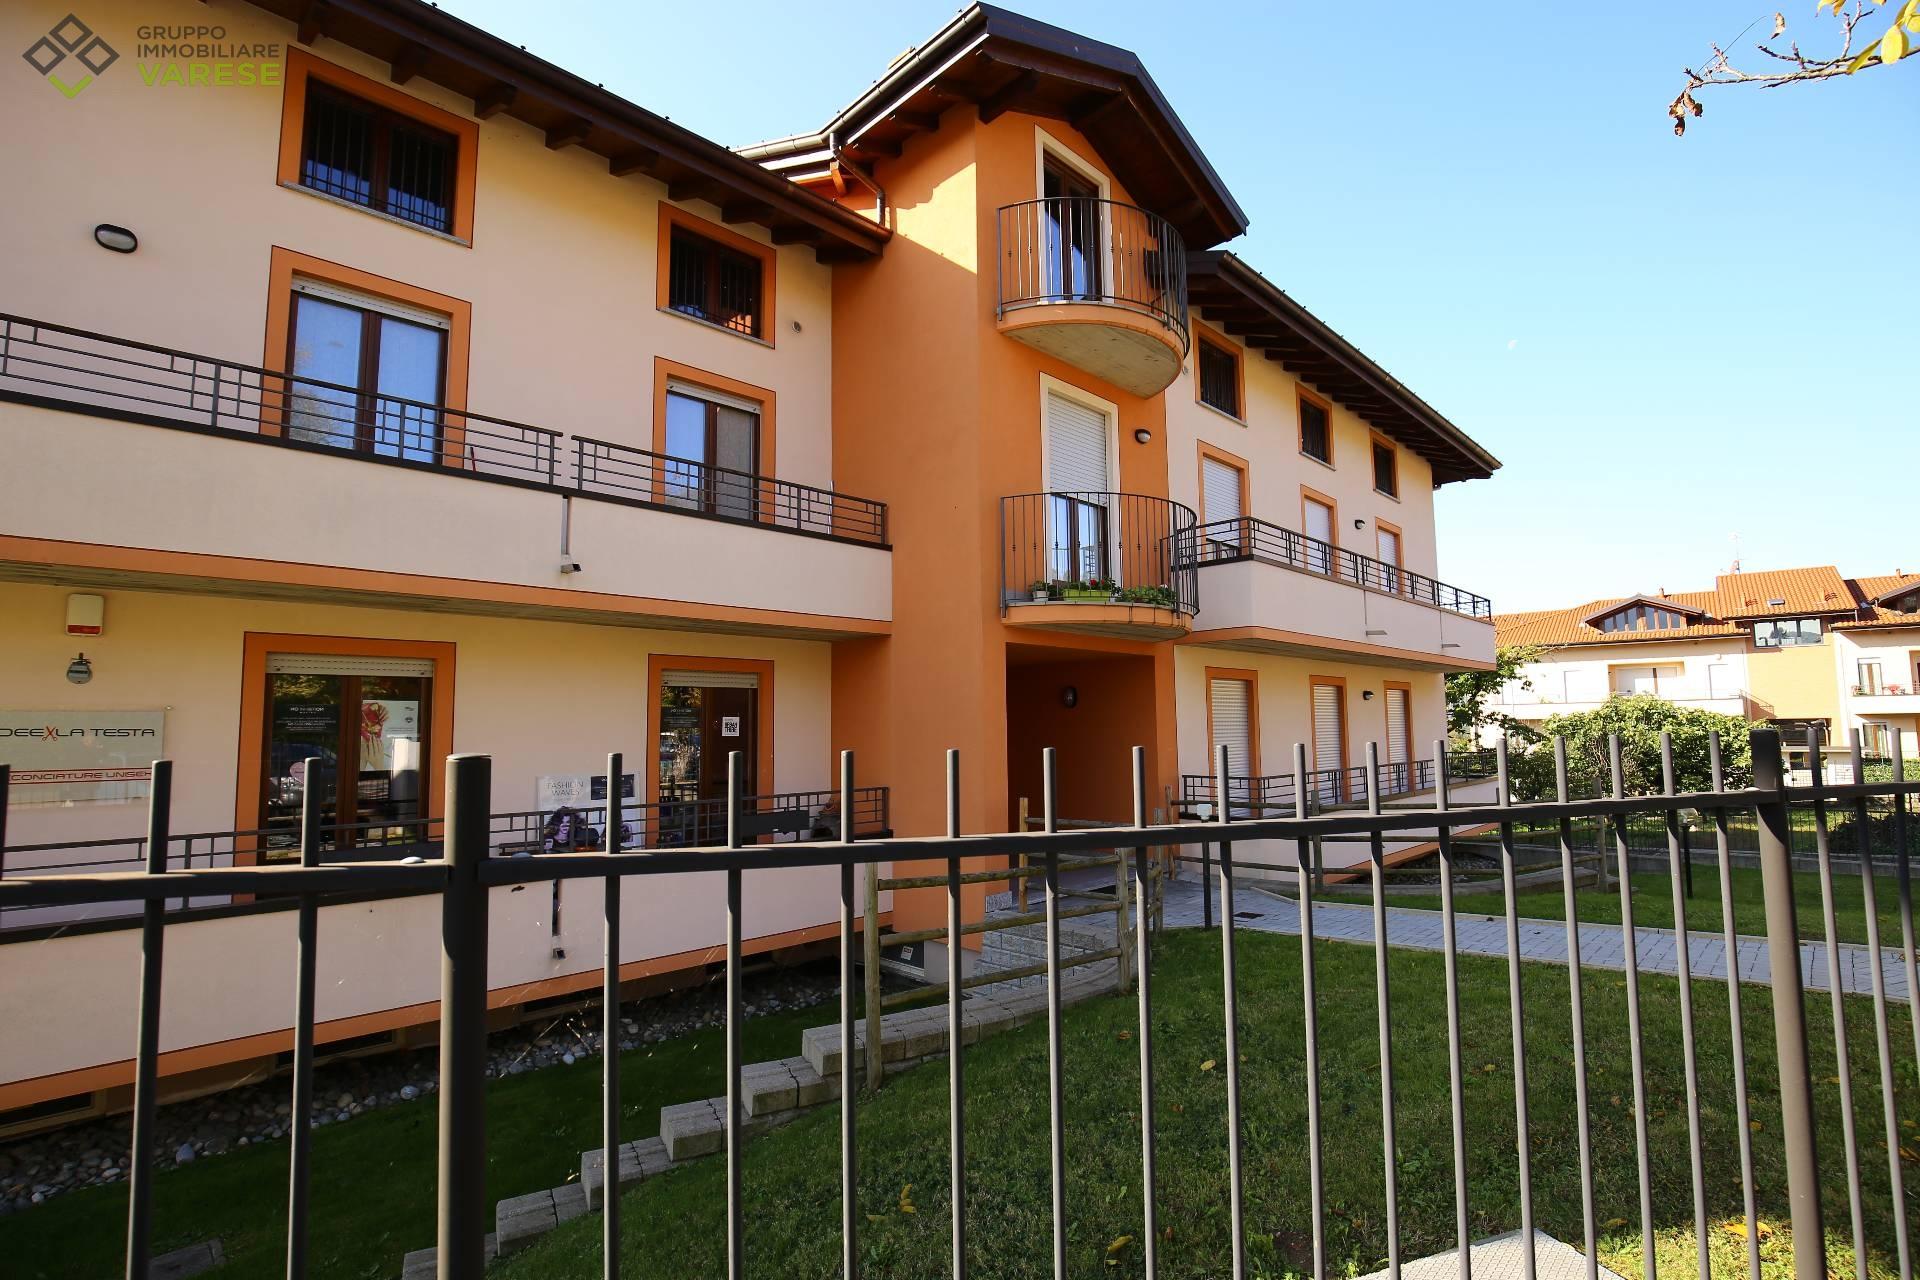 Appartamento in vendita a Cittiglio, 3 locali, prezzo € 158.000 | CambioCasa.it